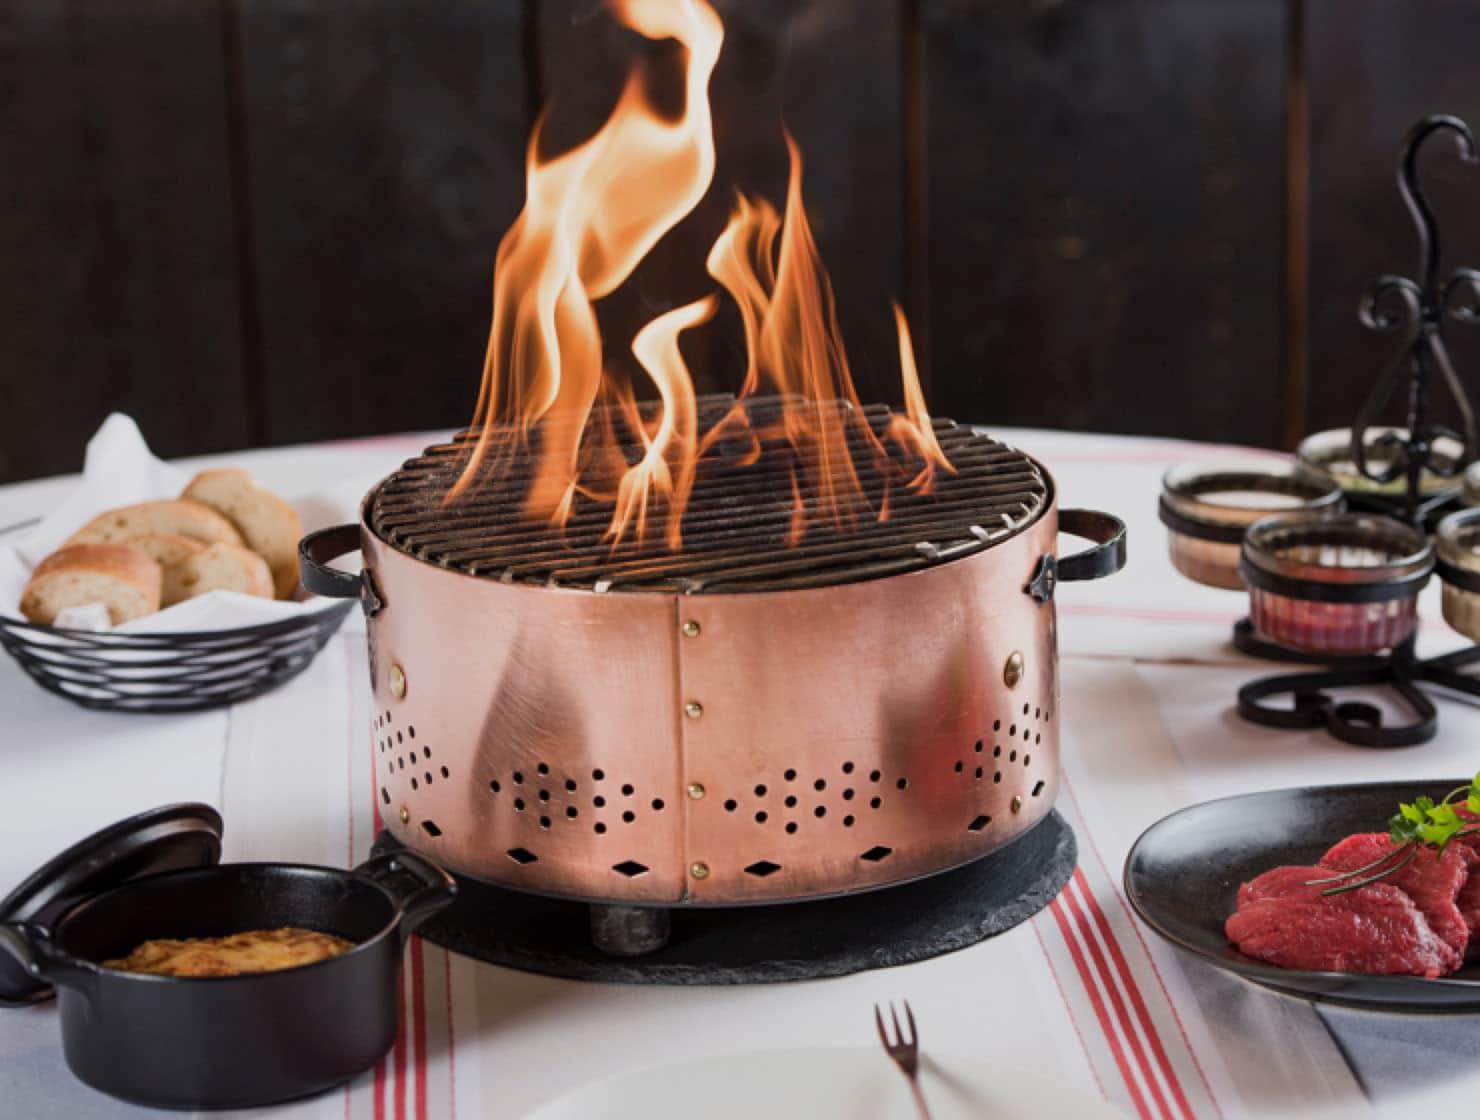 Restaurant le museum - Banquet Menu Charbonnade